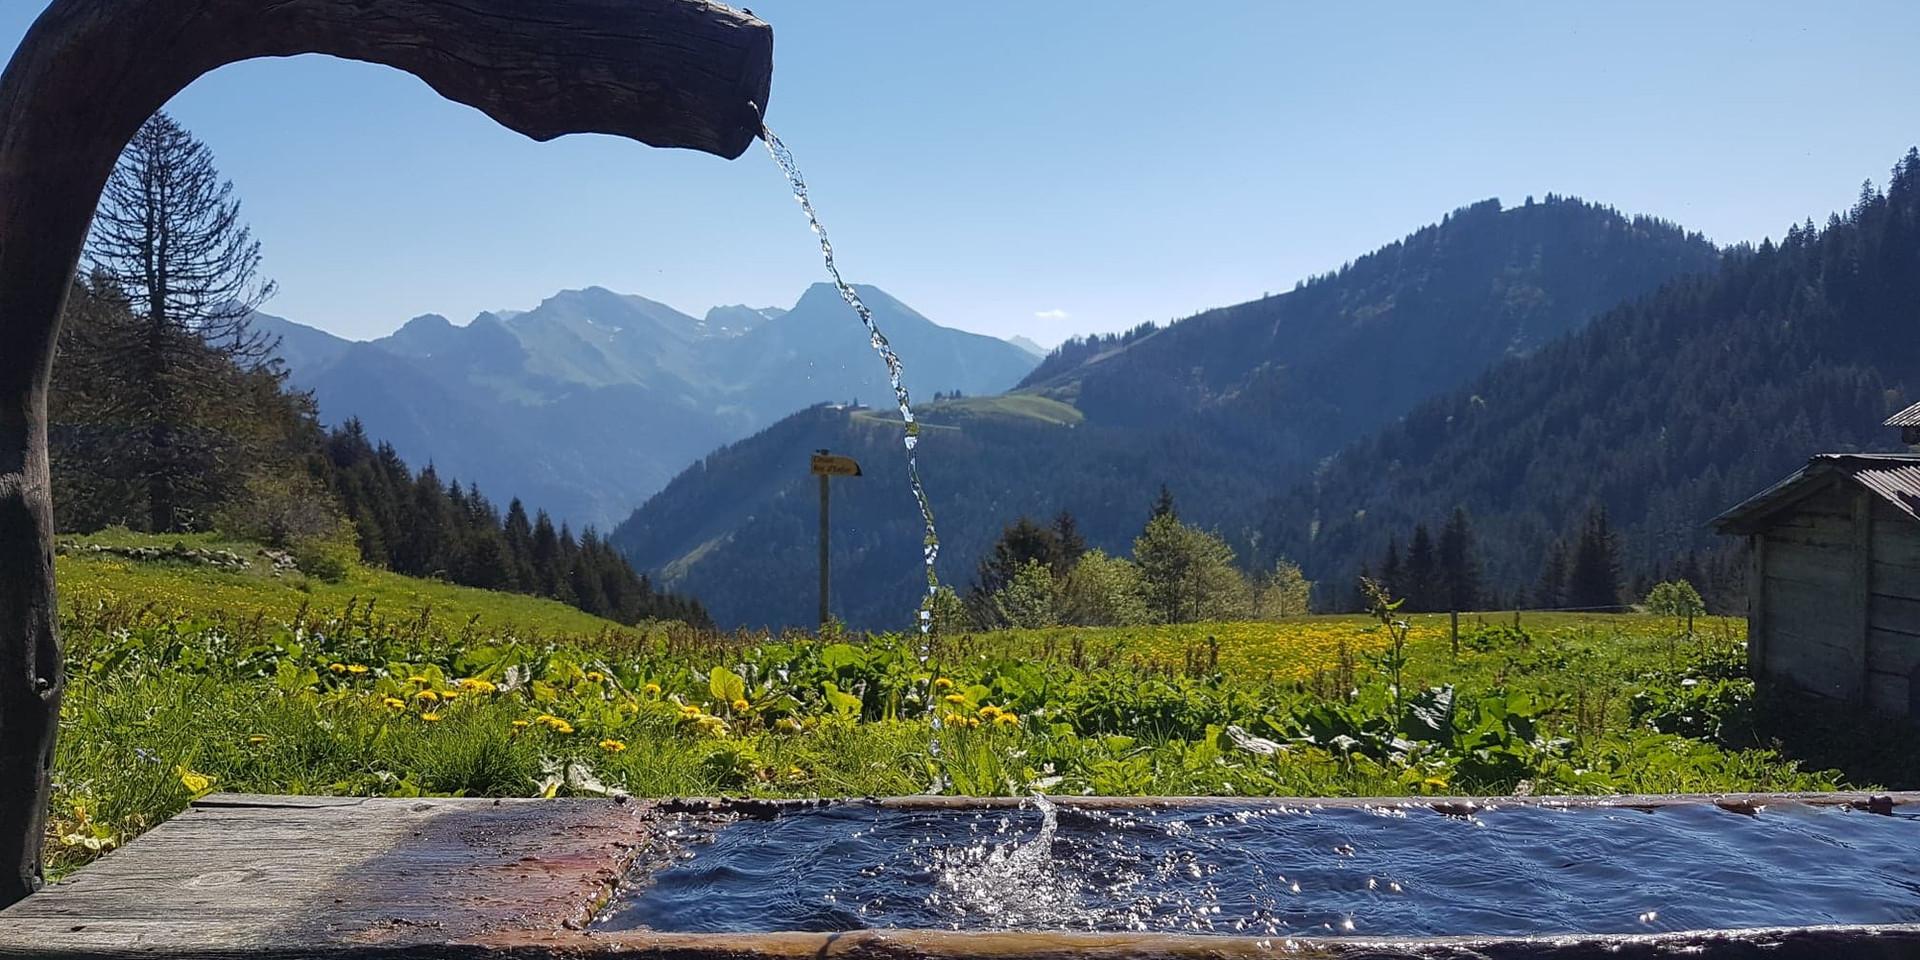 water trough.jpg